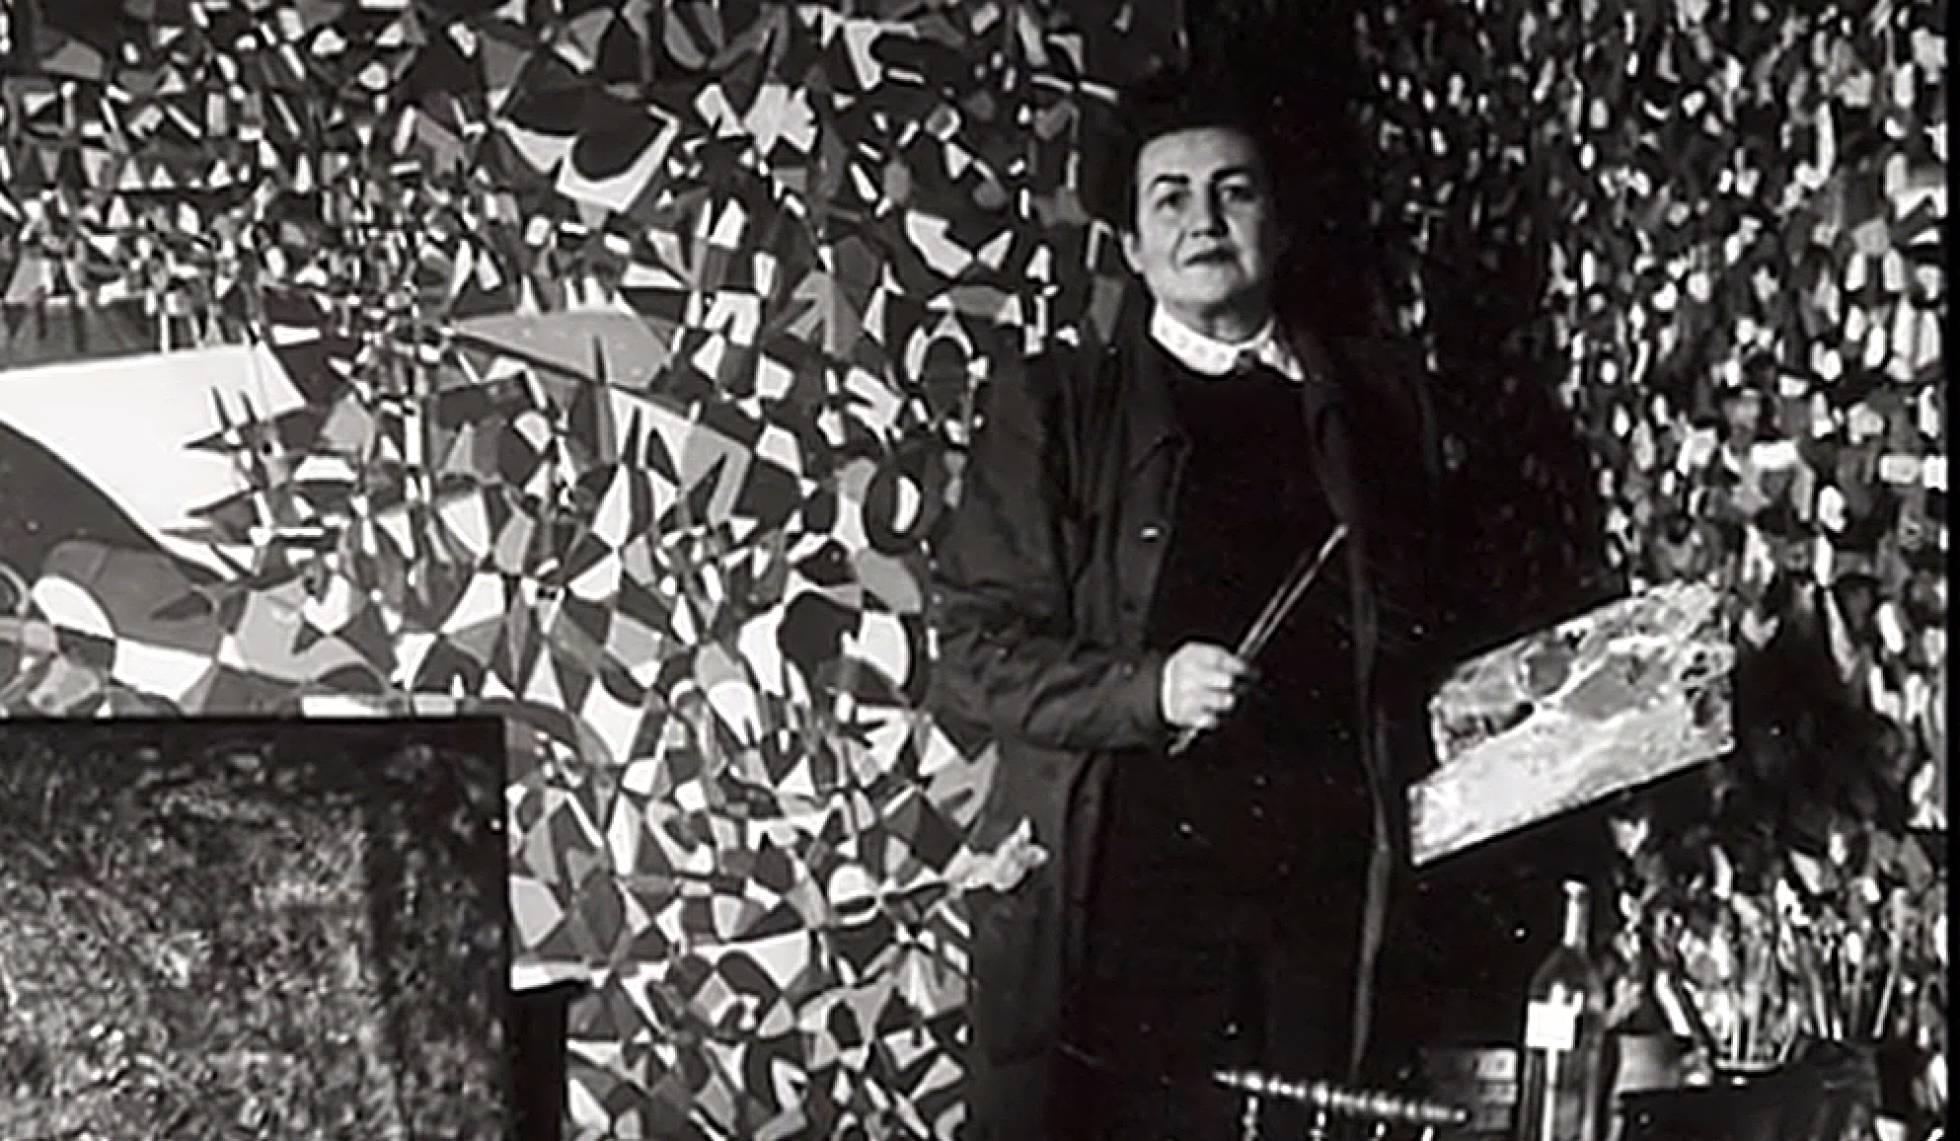 Fahrelnissa Zeid, una mujer que definió el arte abstracto a gran escala